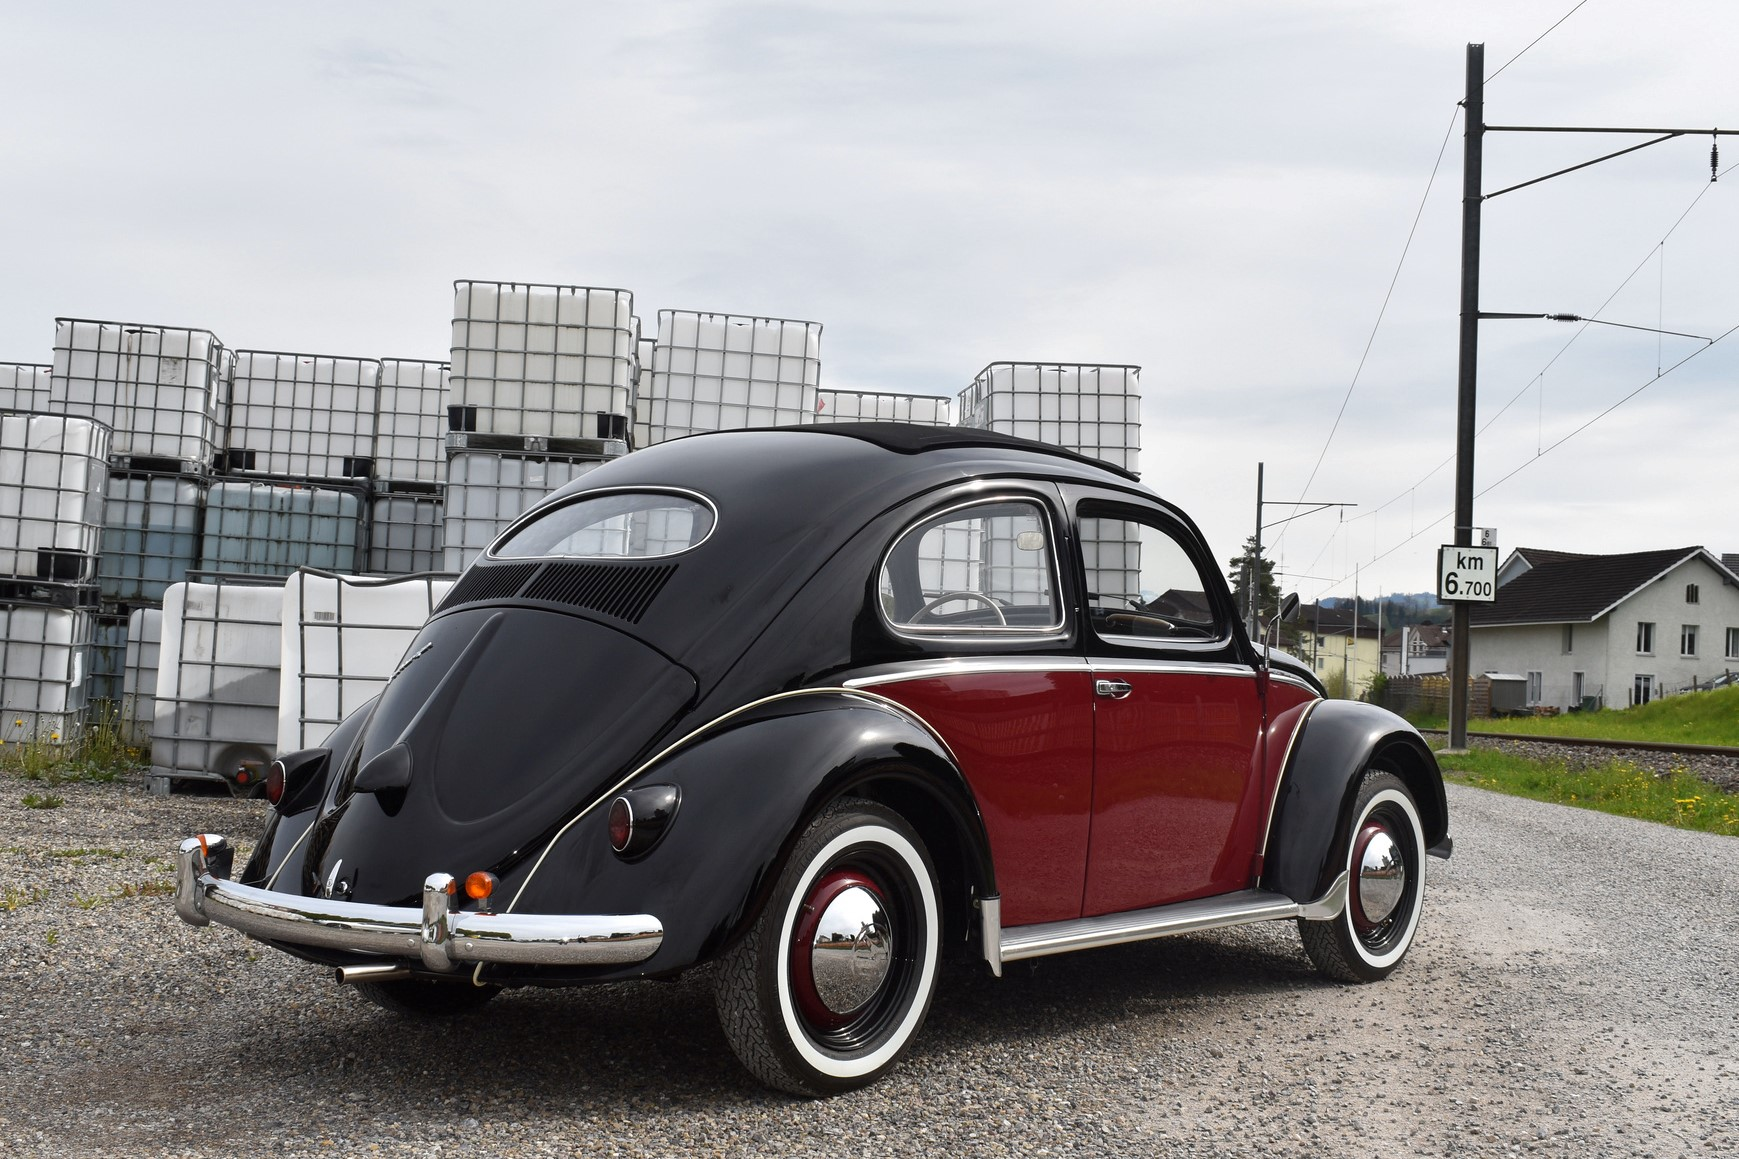 1953 Volkswagen Käfer Ovali in schwarzrot in Hinteransicht